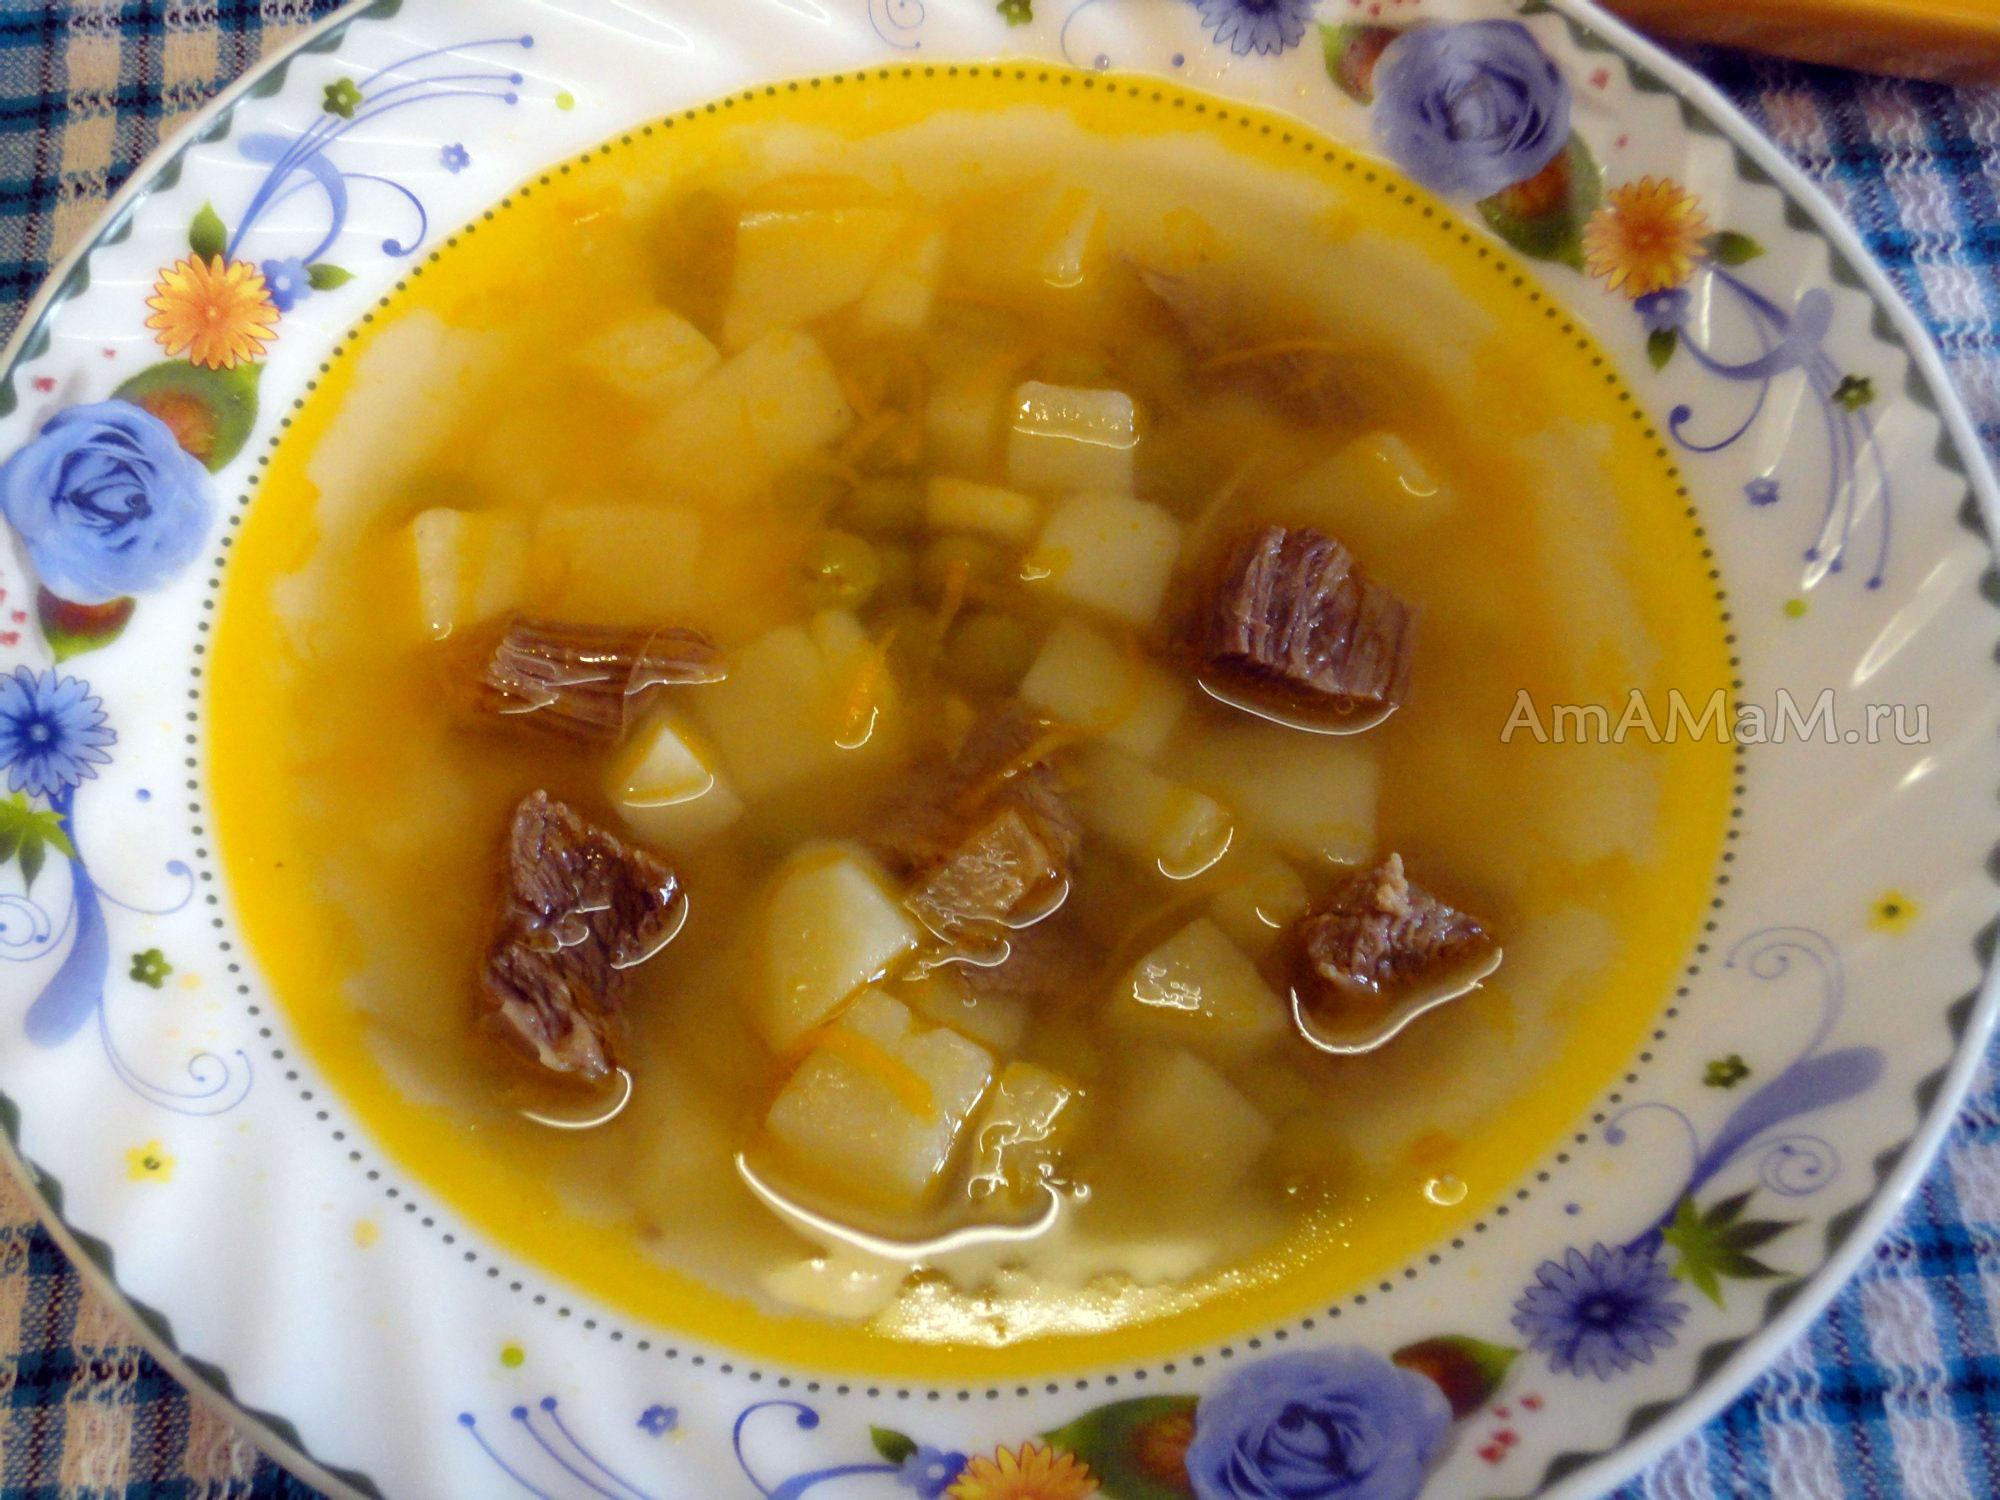 Рецепт супа с консервированным горошком на говяжьем бульоне с картофелем